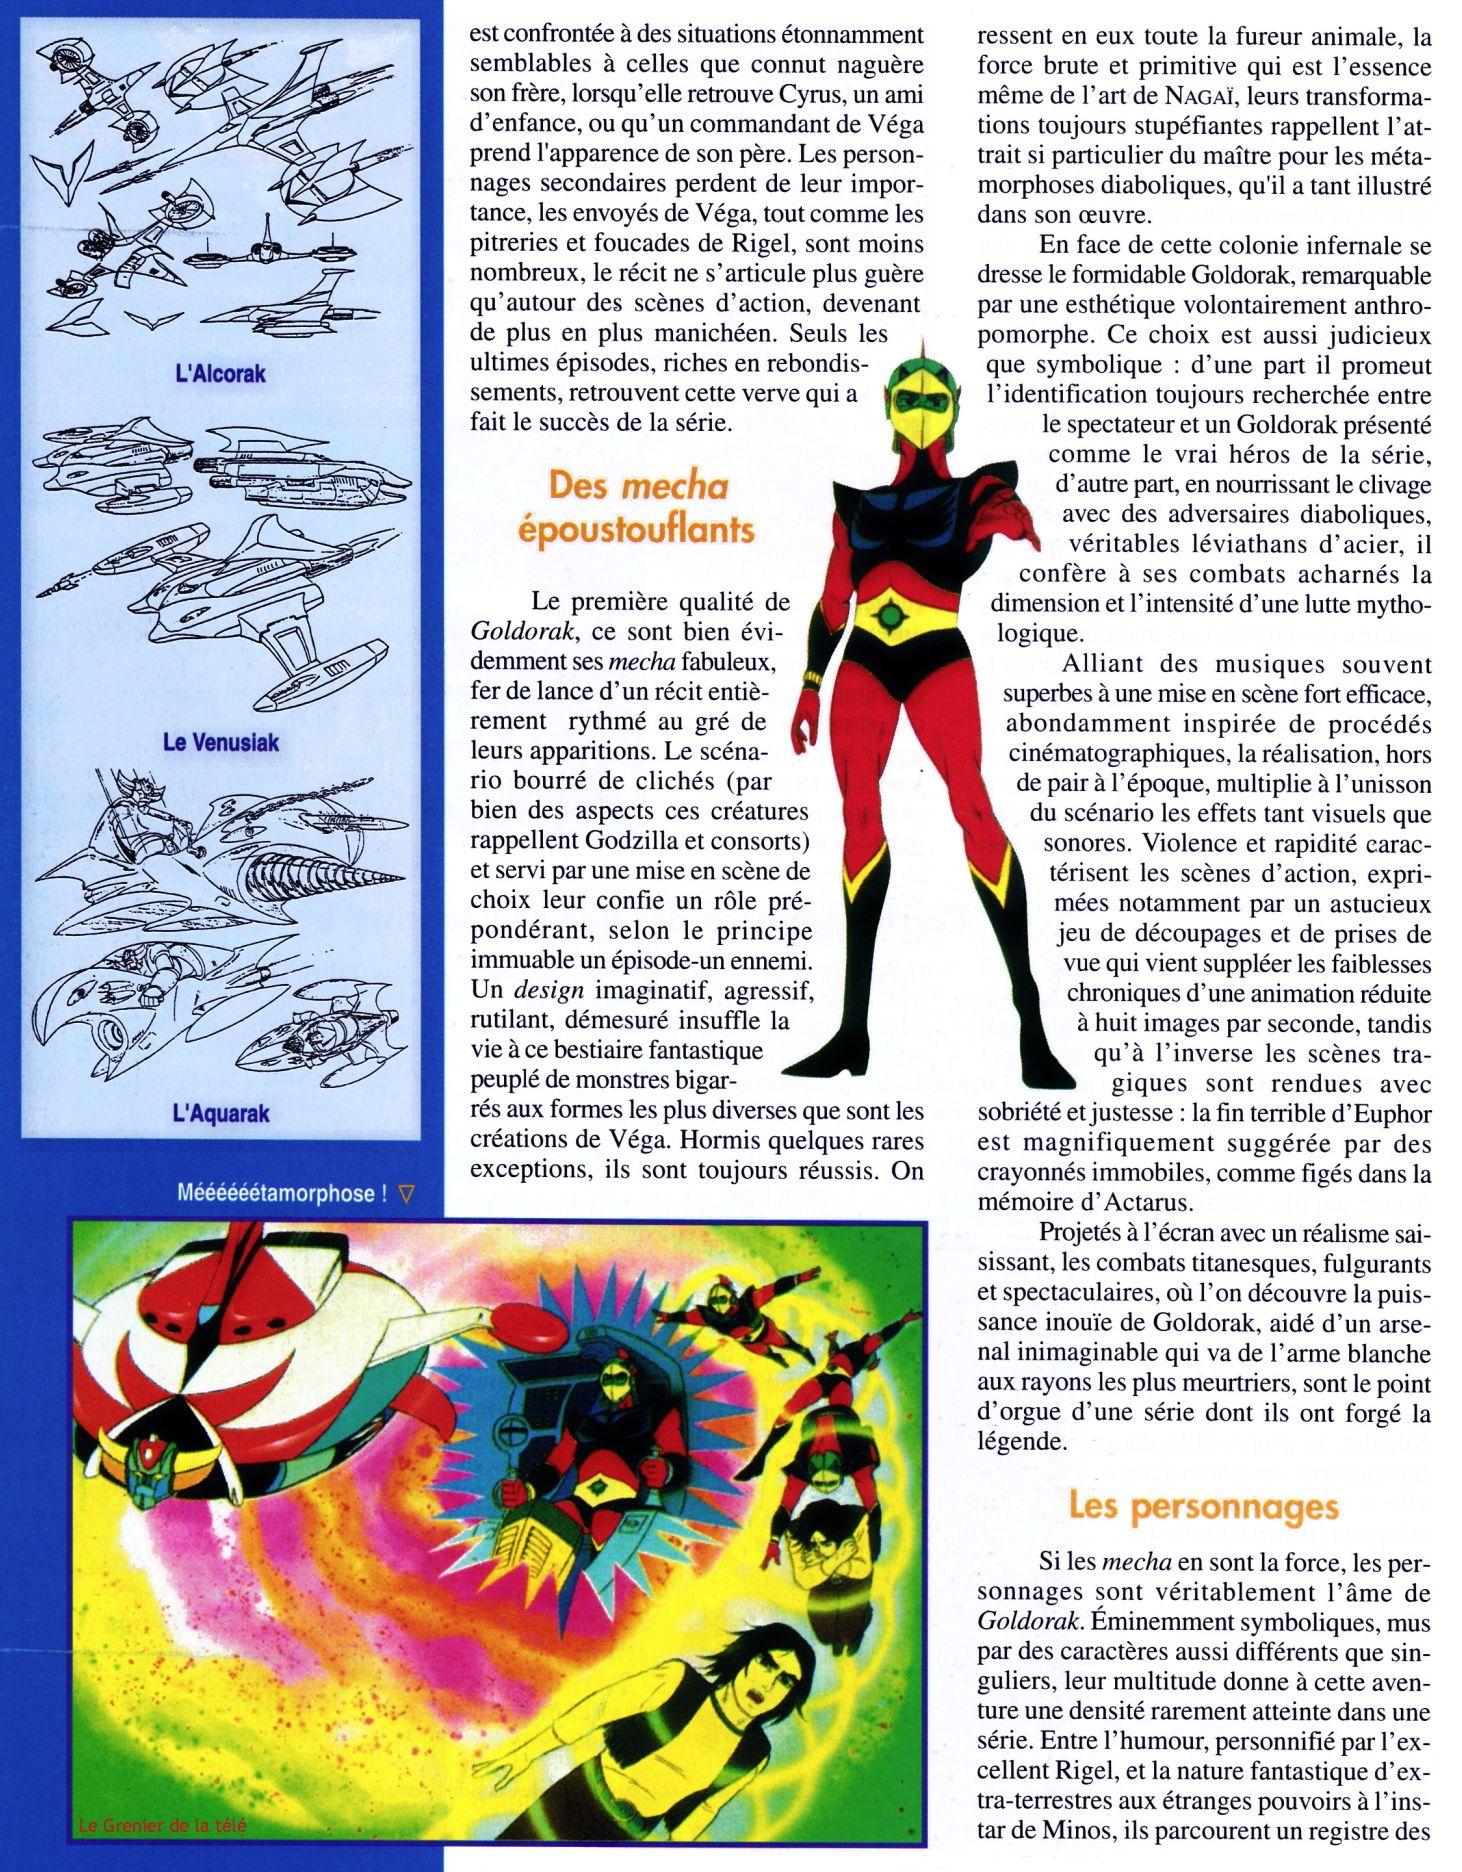 http://grenierdelatv.free.fr/2/goldorakalhs1997g.jpg